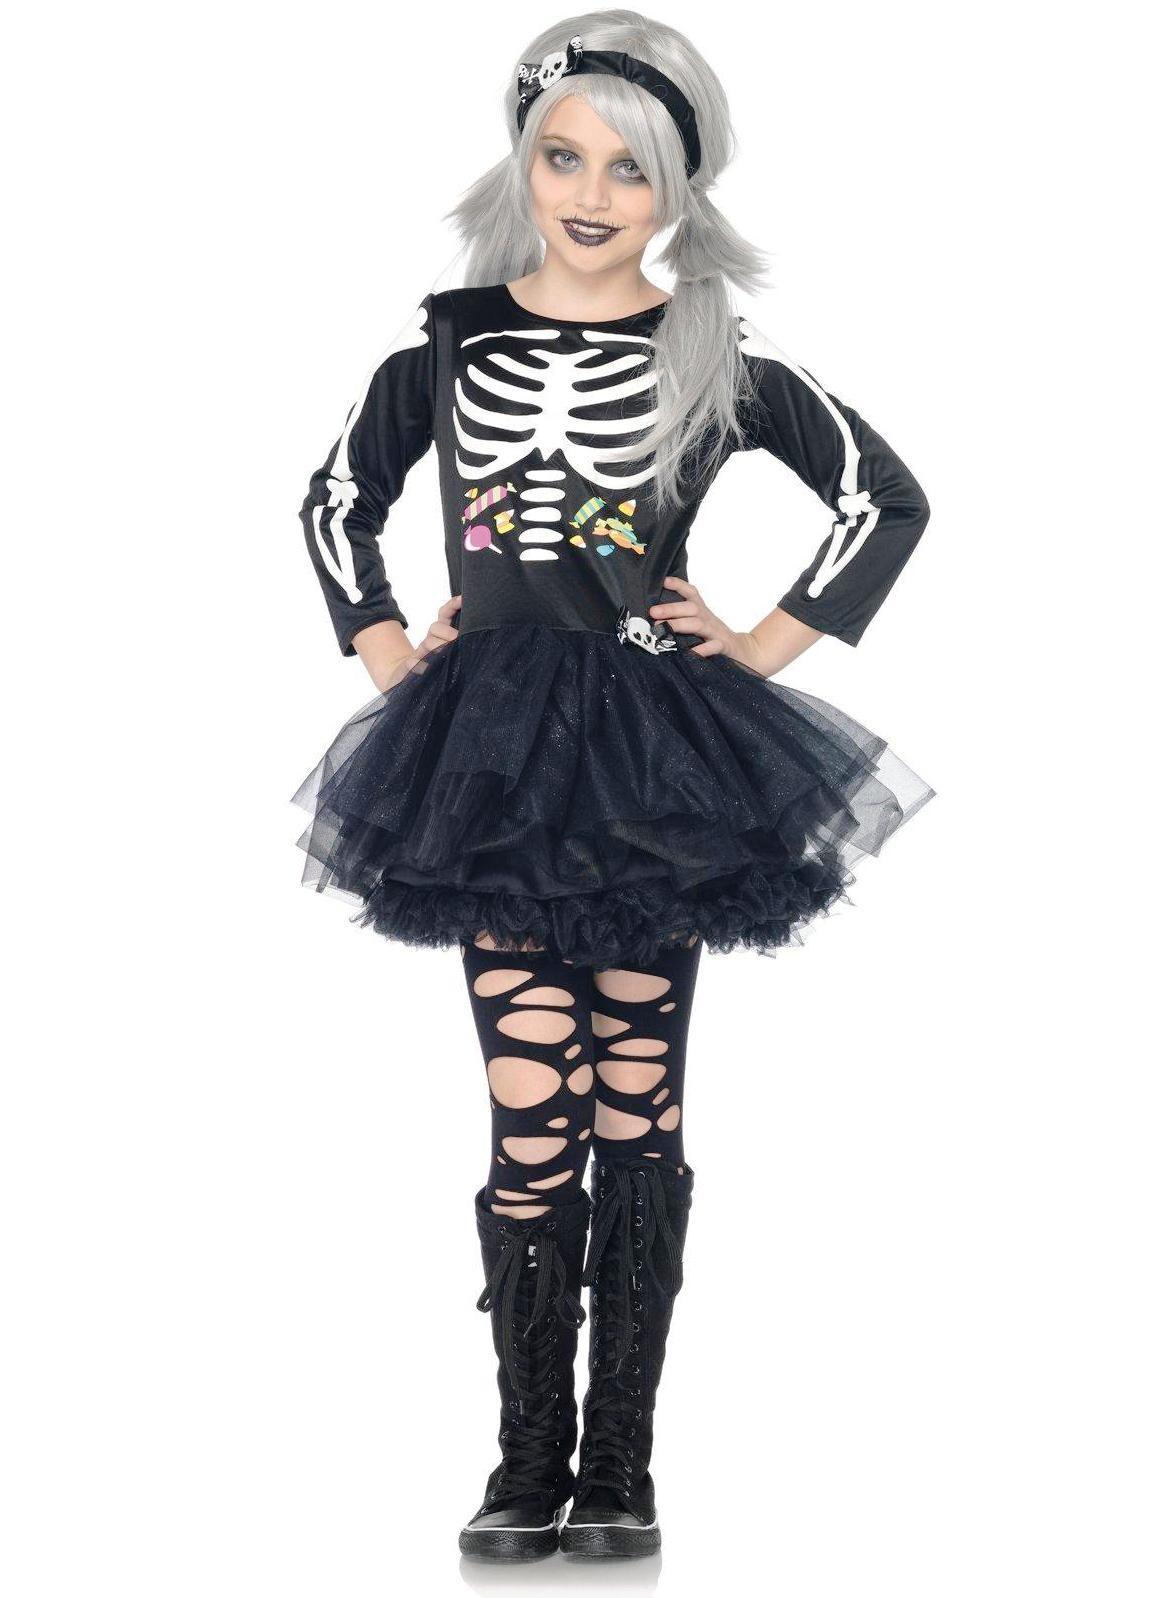 Костюм на хэллоуин своими руками для девочек 11